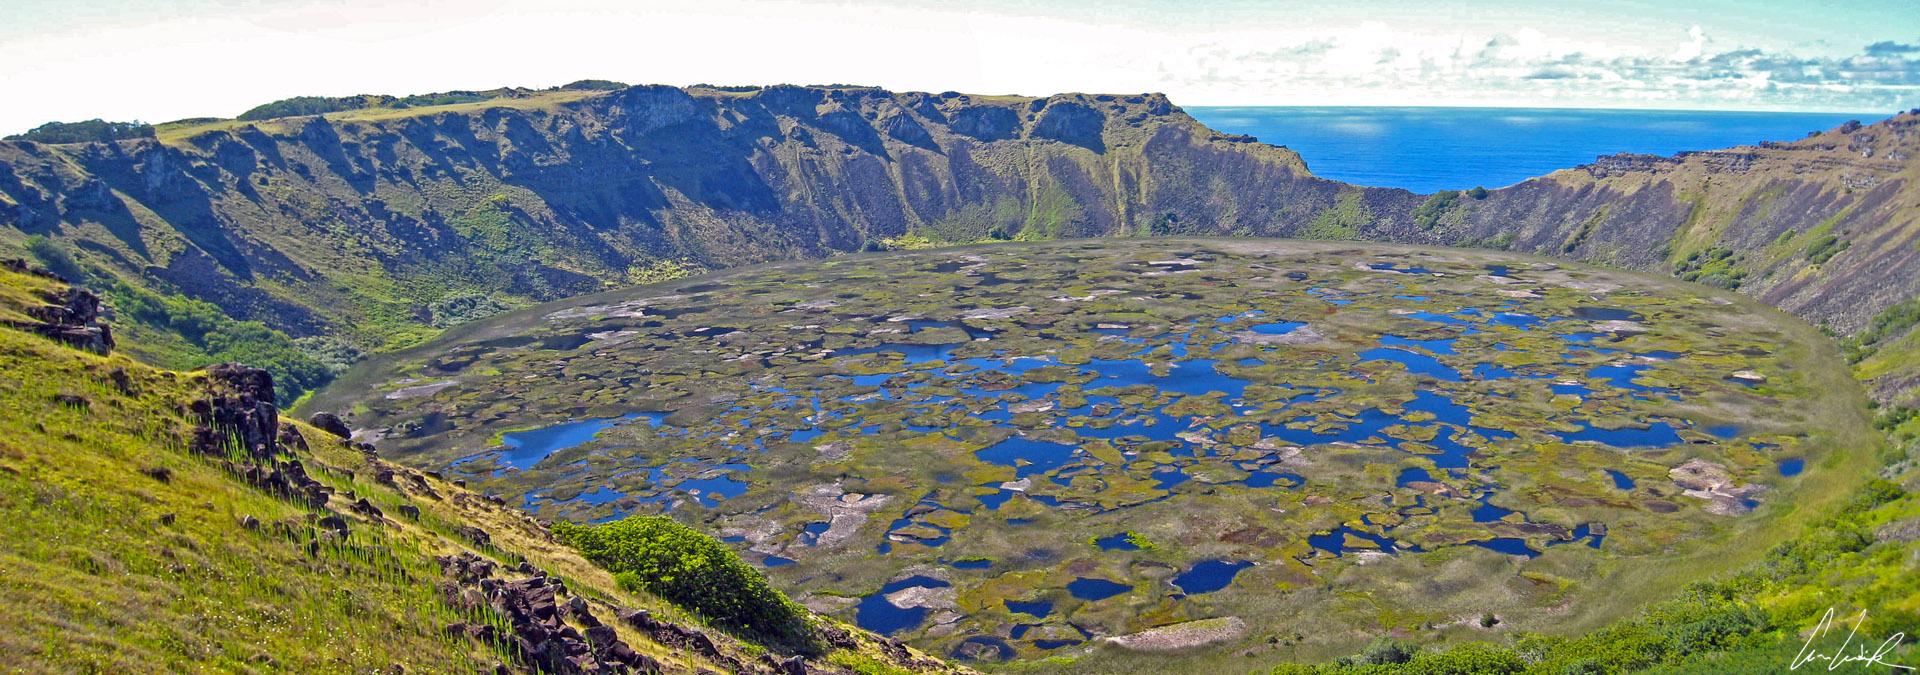 Sur l'île de Pâques, le magnifique volcan Rano Kau de 1500 m d'envergure et situé à 275 m au-dessus du niveau de la mer, abrite un lac profond